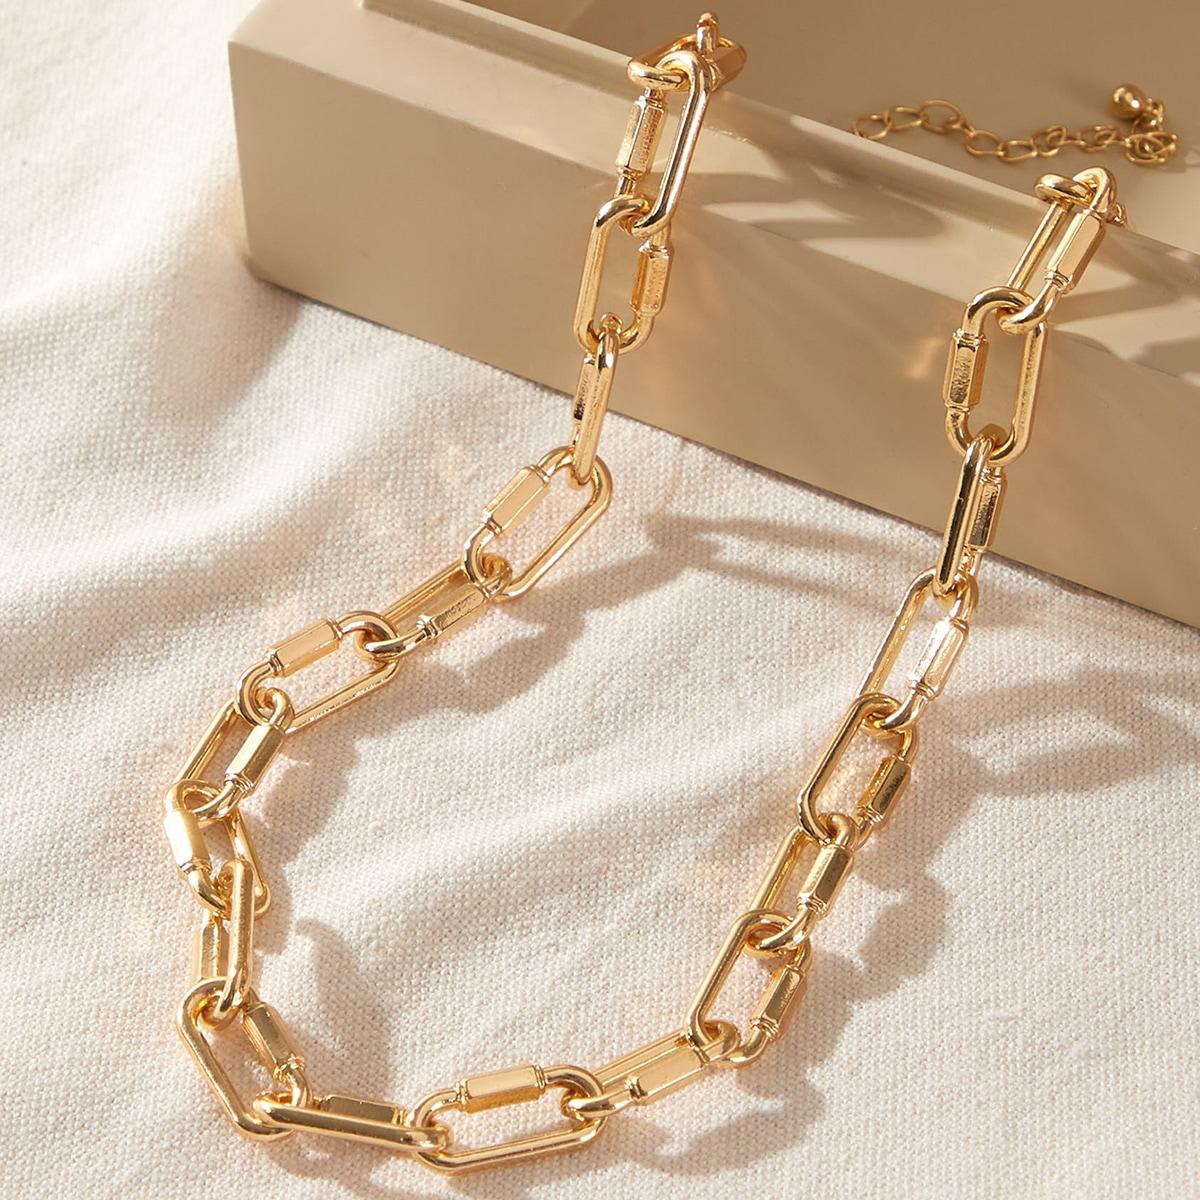 Цепное ожерелье 1шт